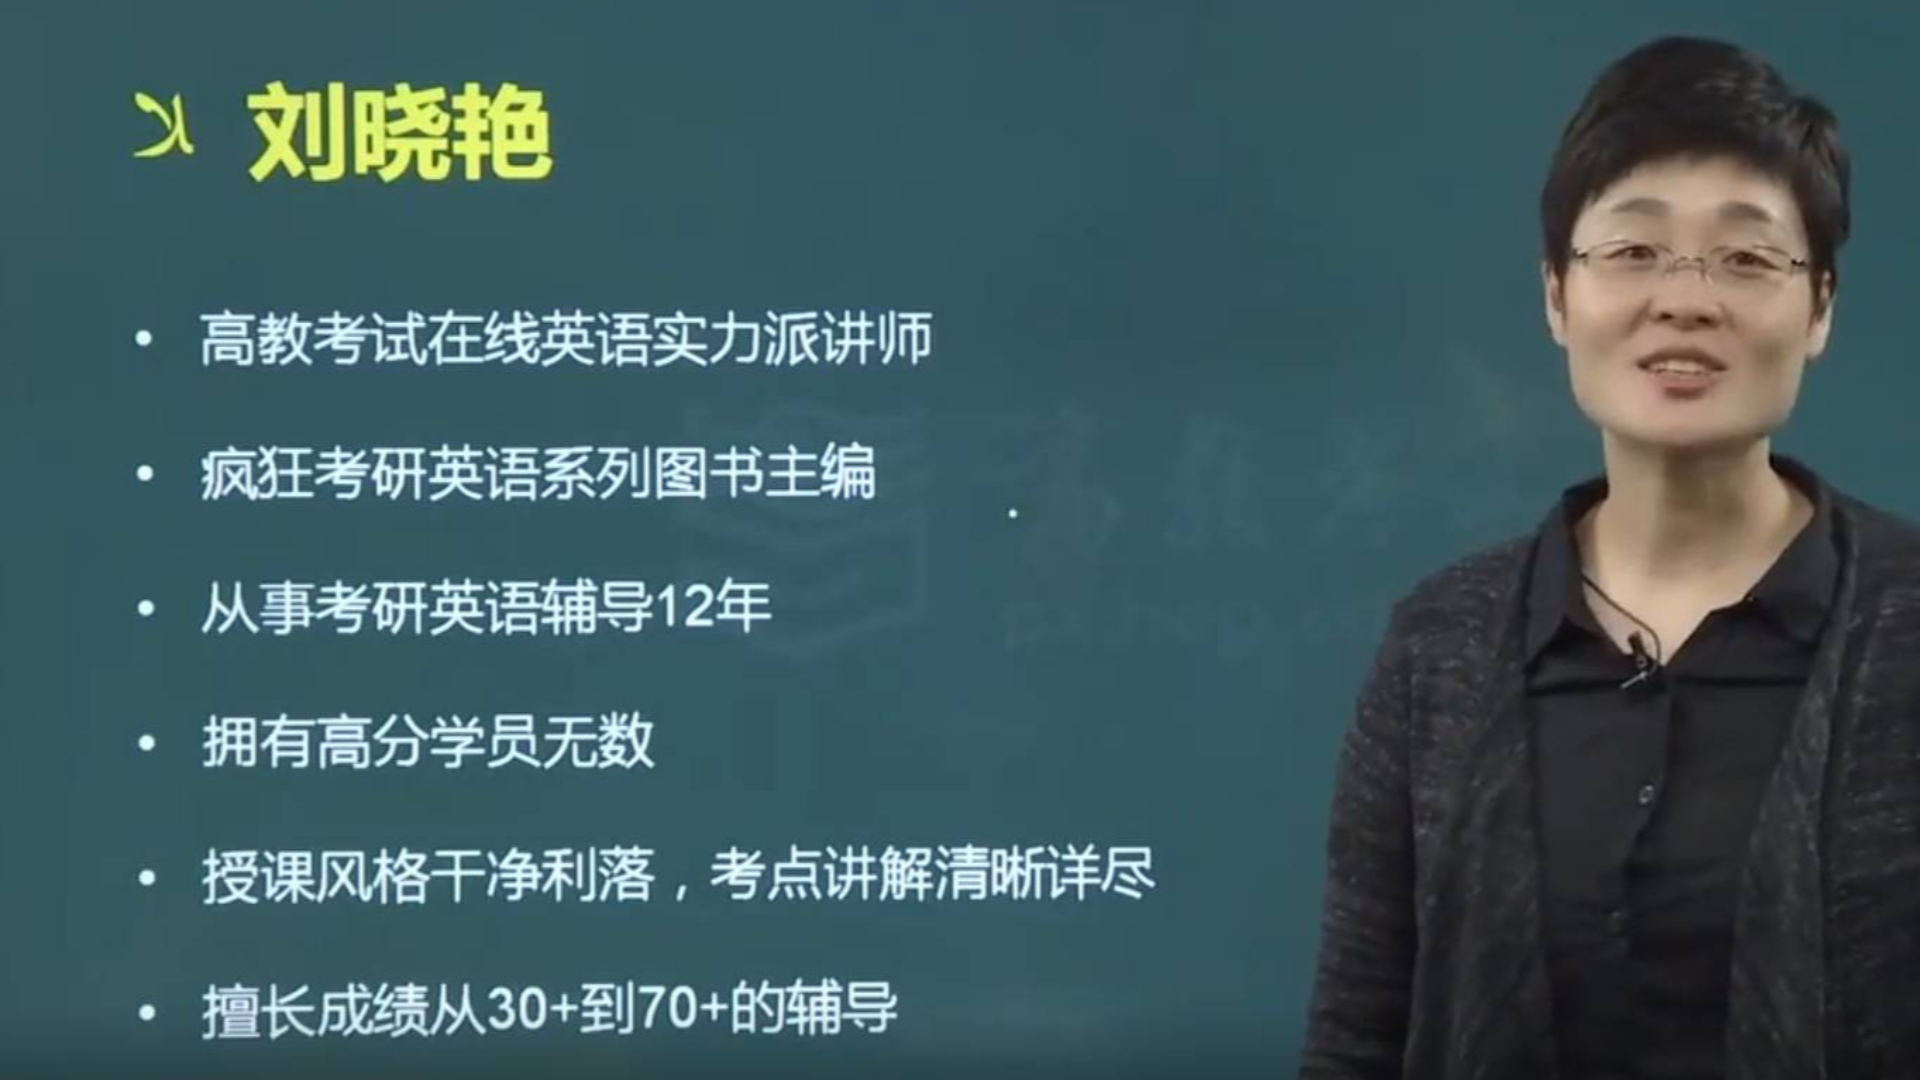 2021考研刘晓燕核心词汇刘晓艳单词完整版持续更新中